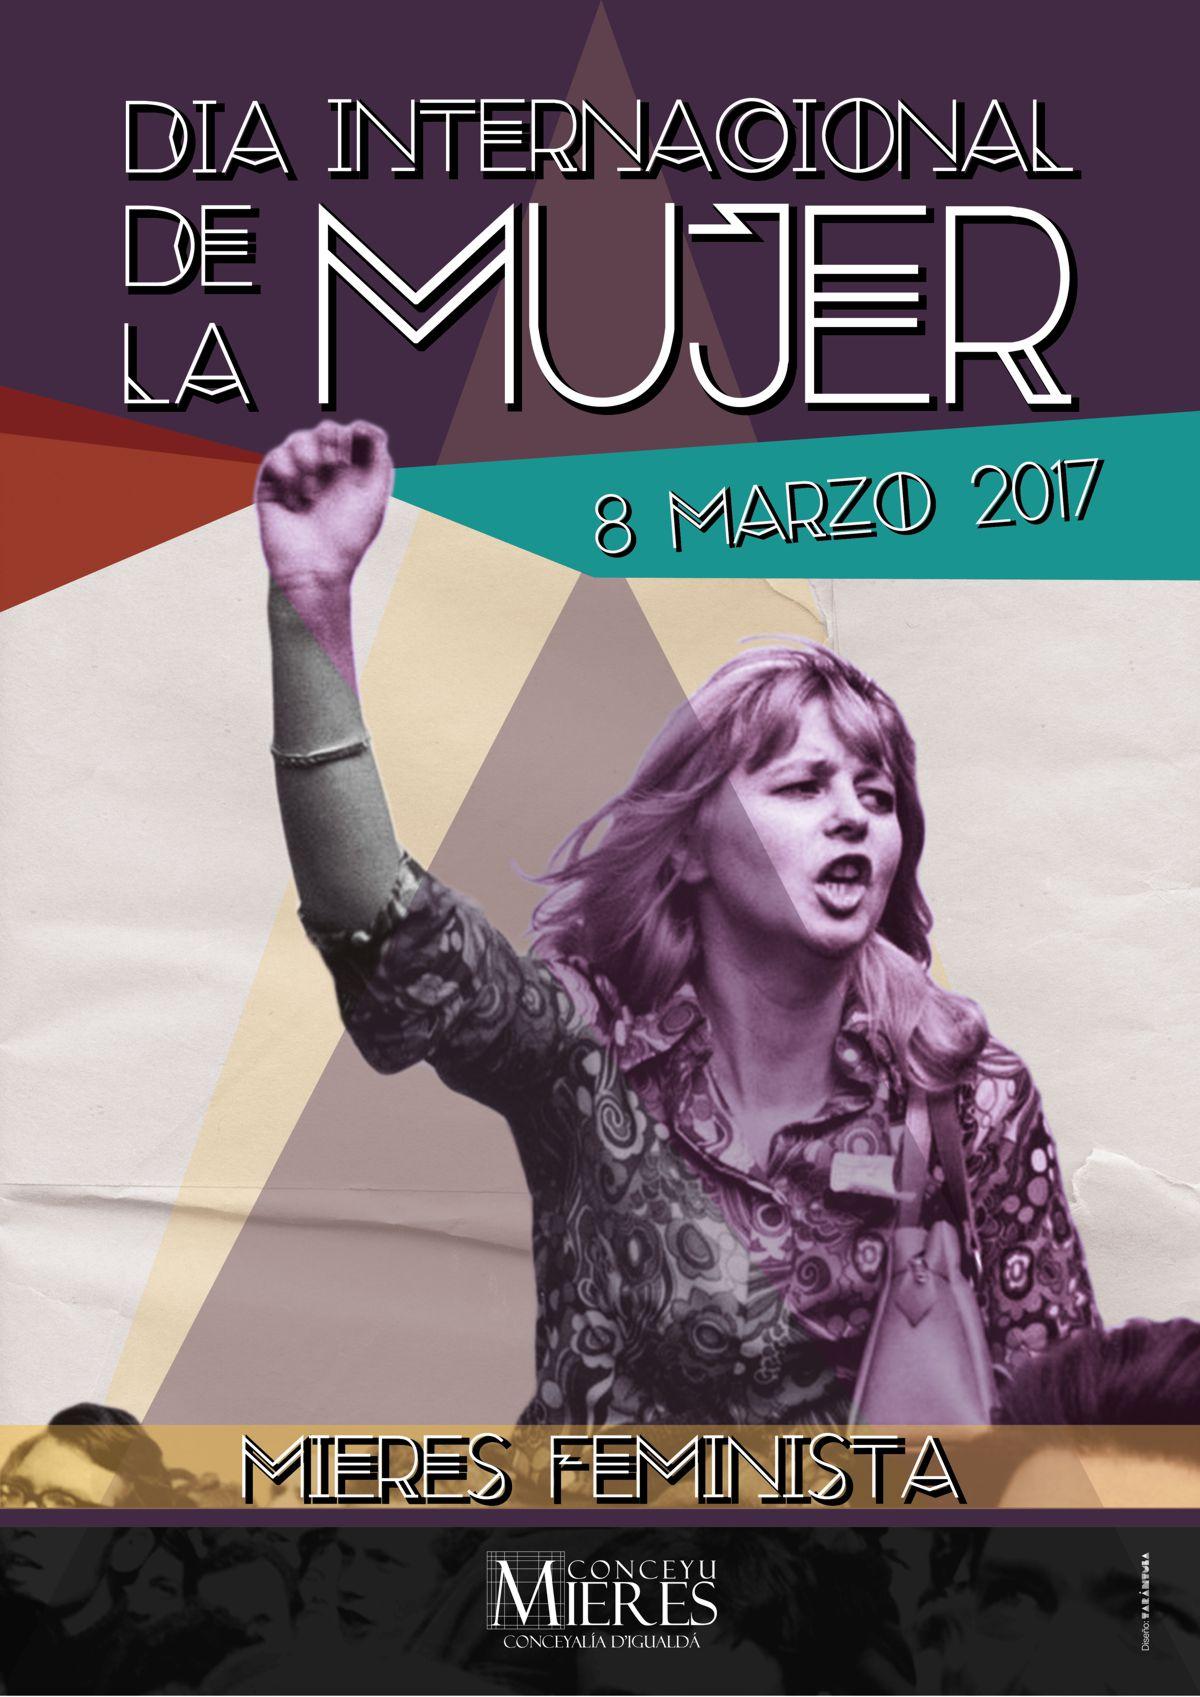 Cartel general Dia Internacional de la mujer MIERES